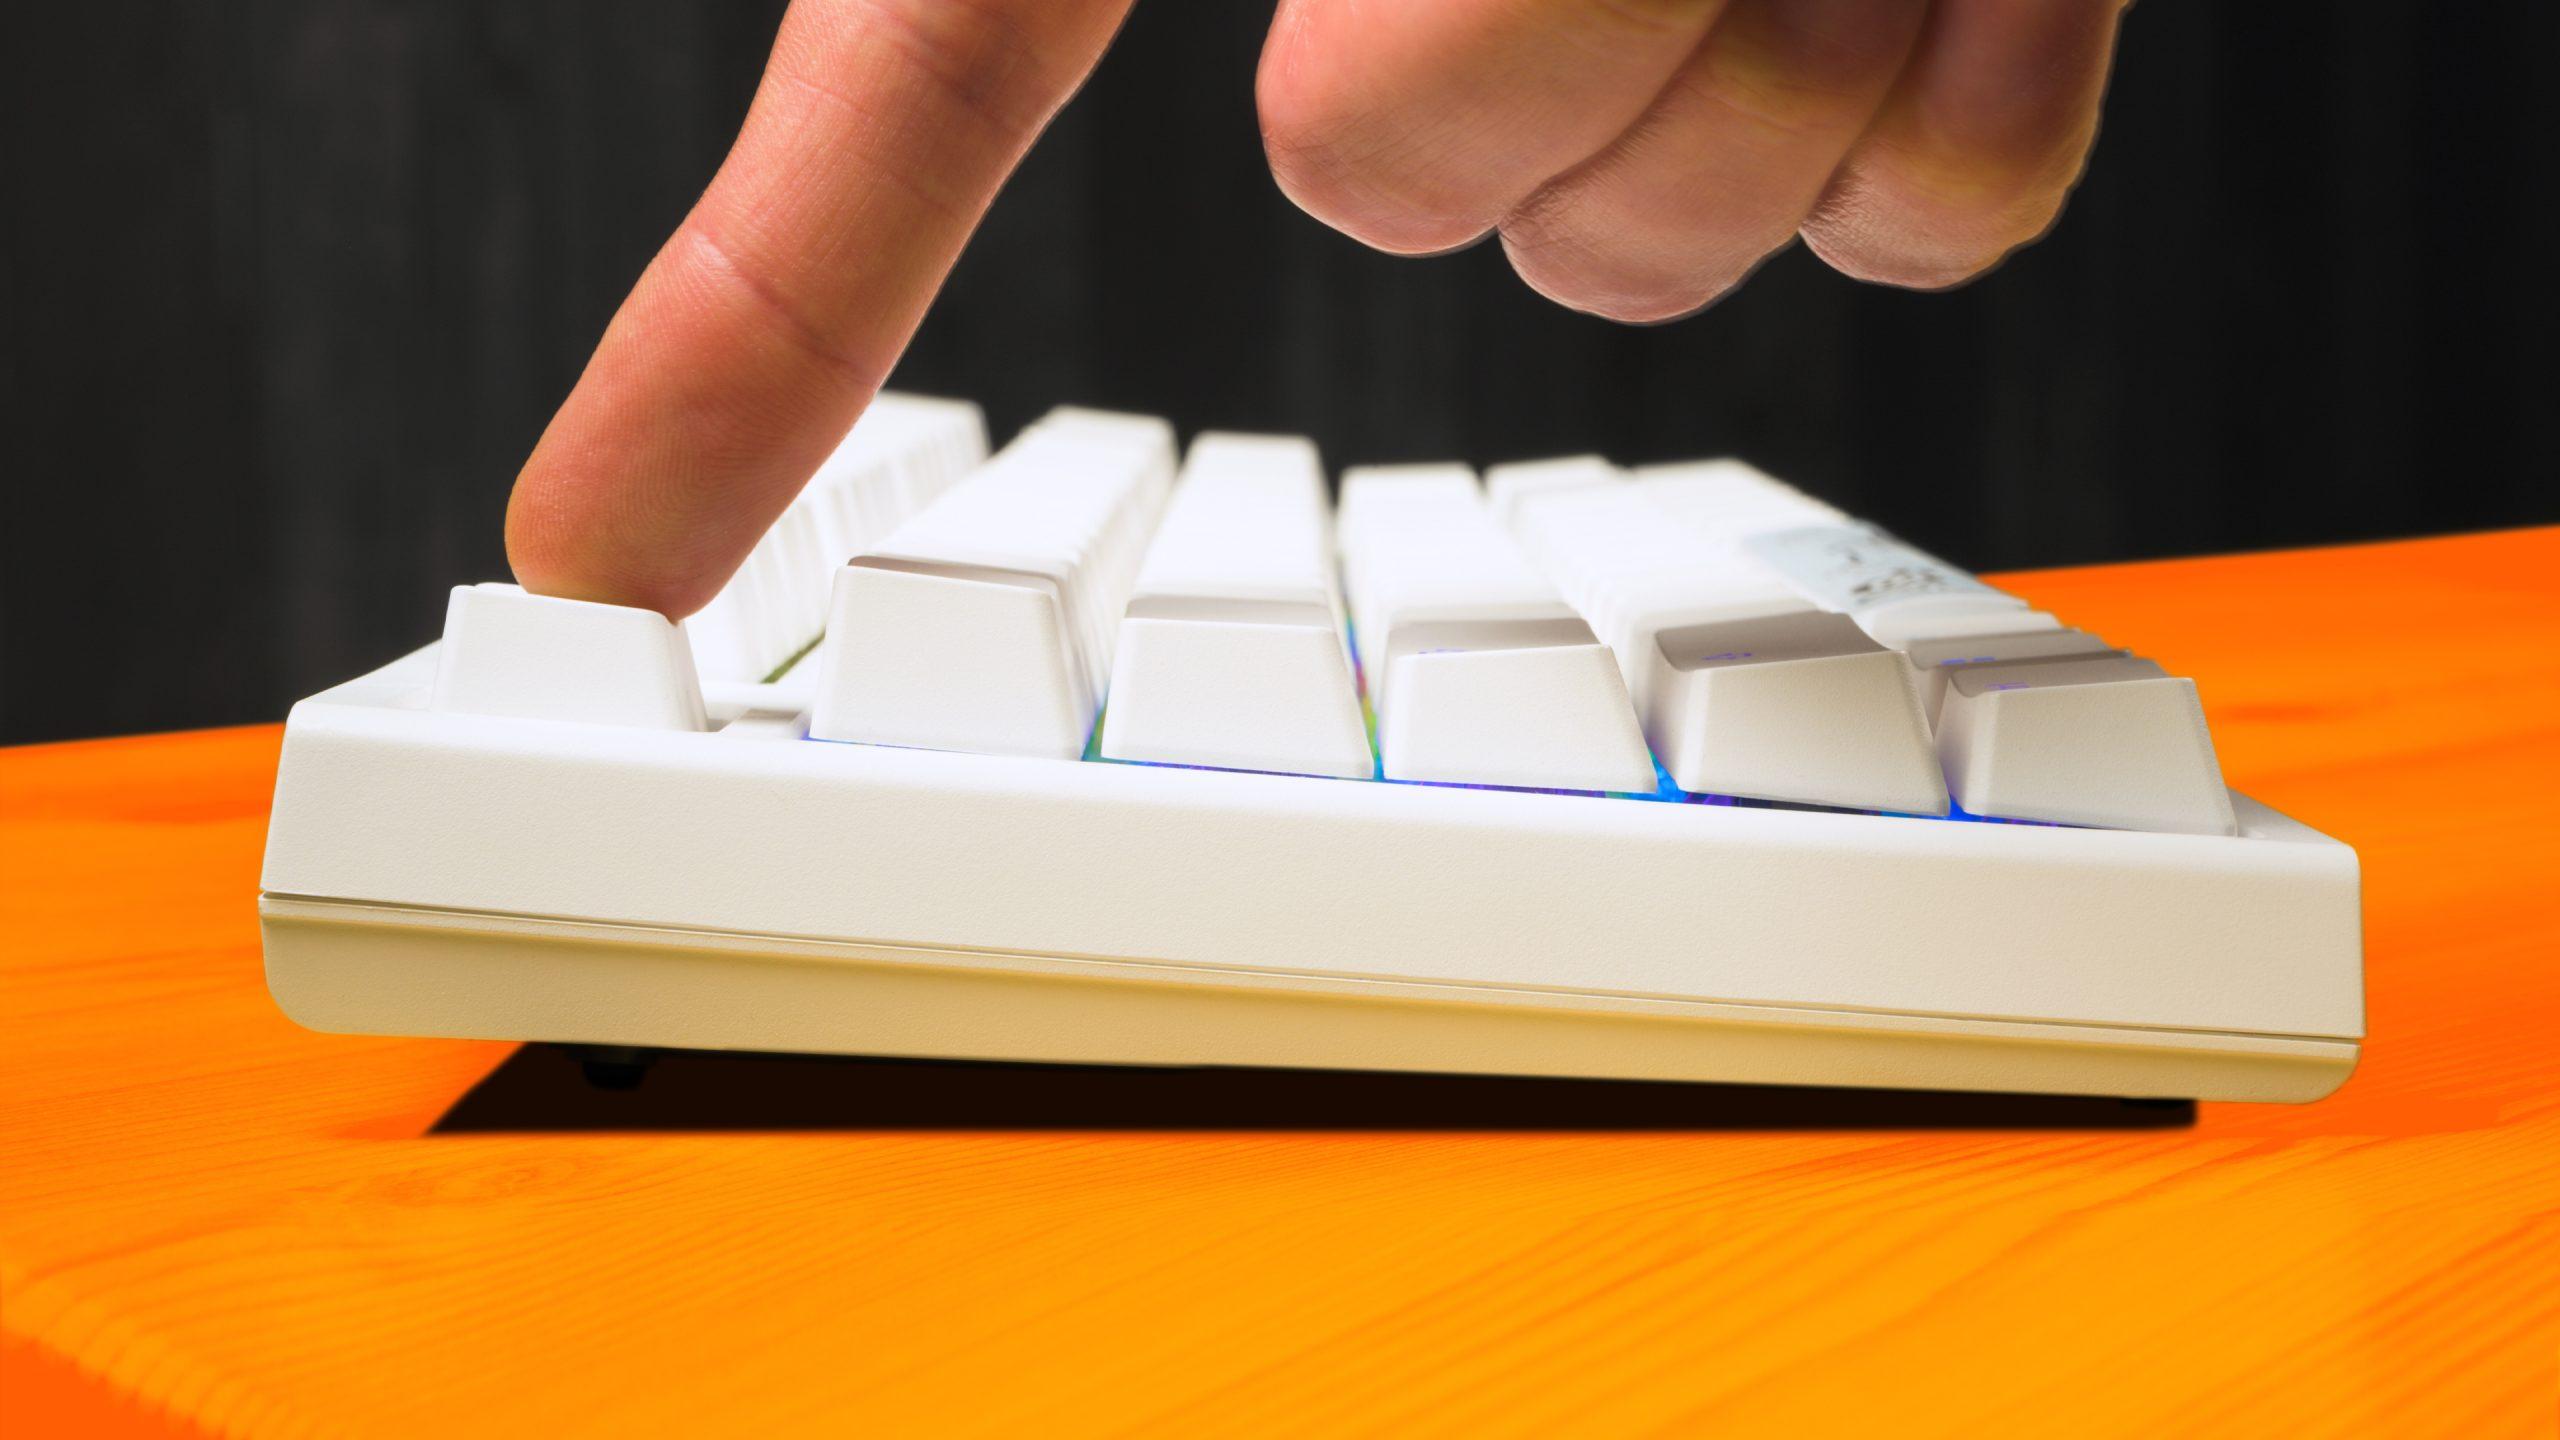 Zij-aanzicht van de Ducky One 2 RGB TKL in het wit, met de voet halverwege uitgeklapt en de regenboogverlichting zichtbaar tussen de keycaps.